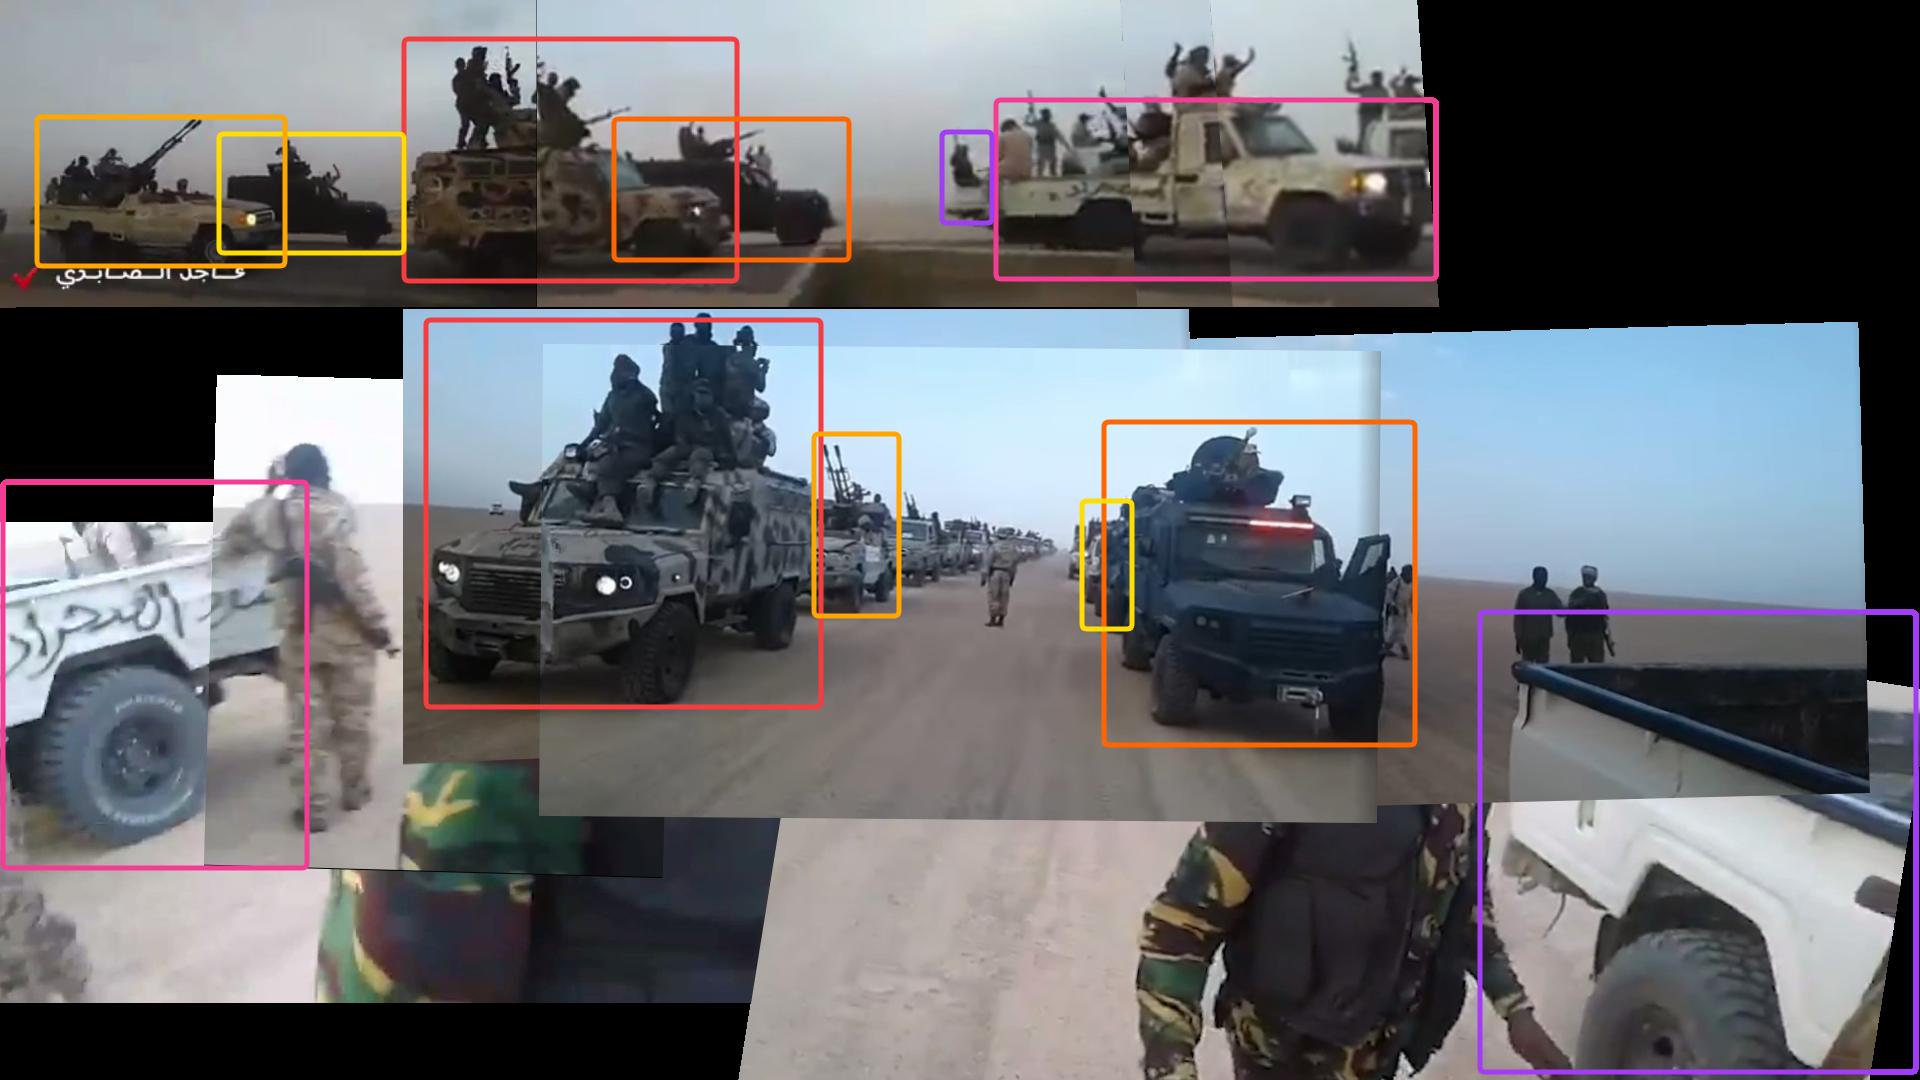 Montages de captures d'écran de la vidéo de 2017 en haut et, en bas, de celle ayant circulé à la mi avril 2021. Chaque couleur correspond au même véhicule placé au même endroit dans les deux vidéos.